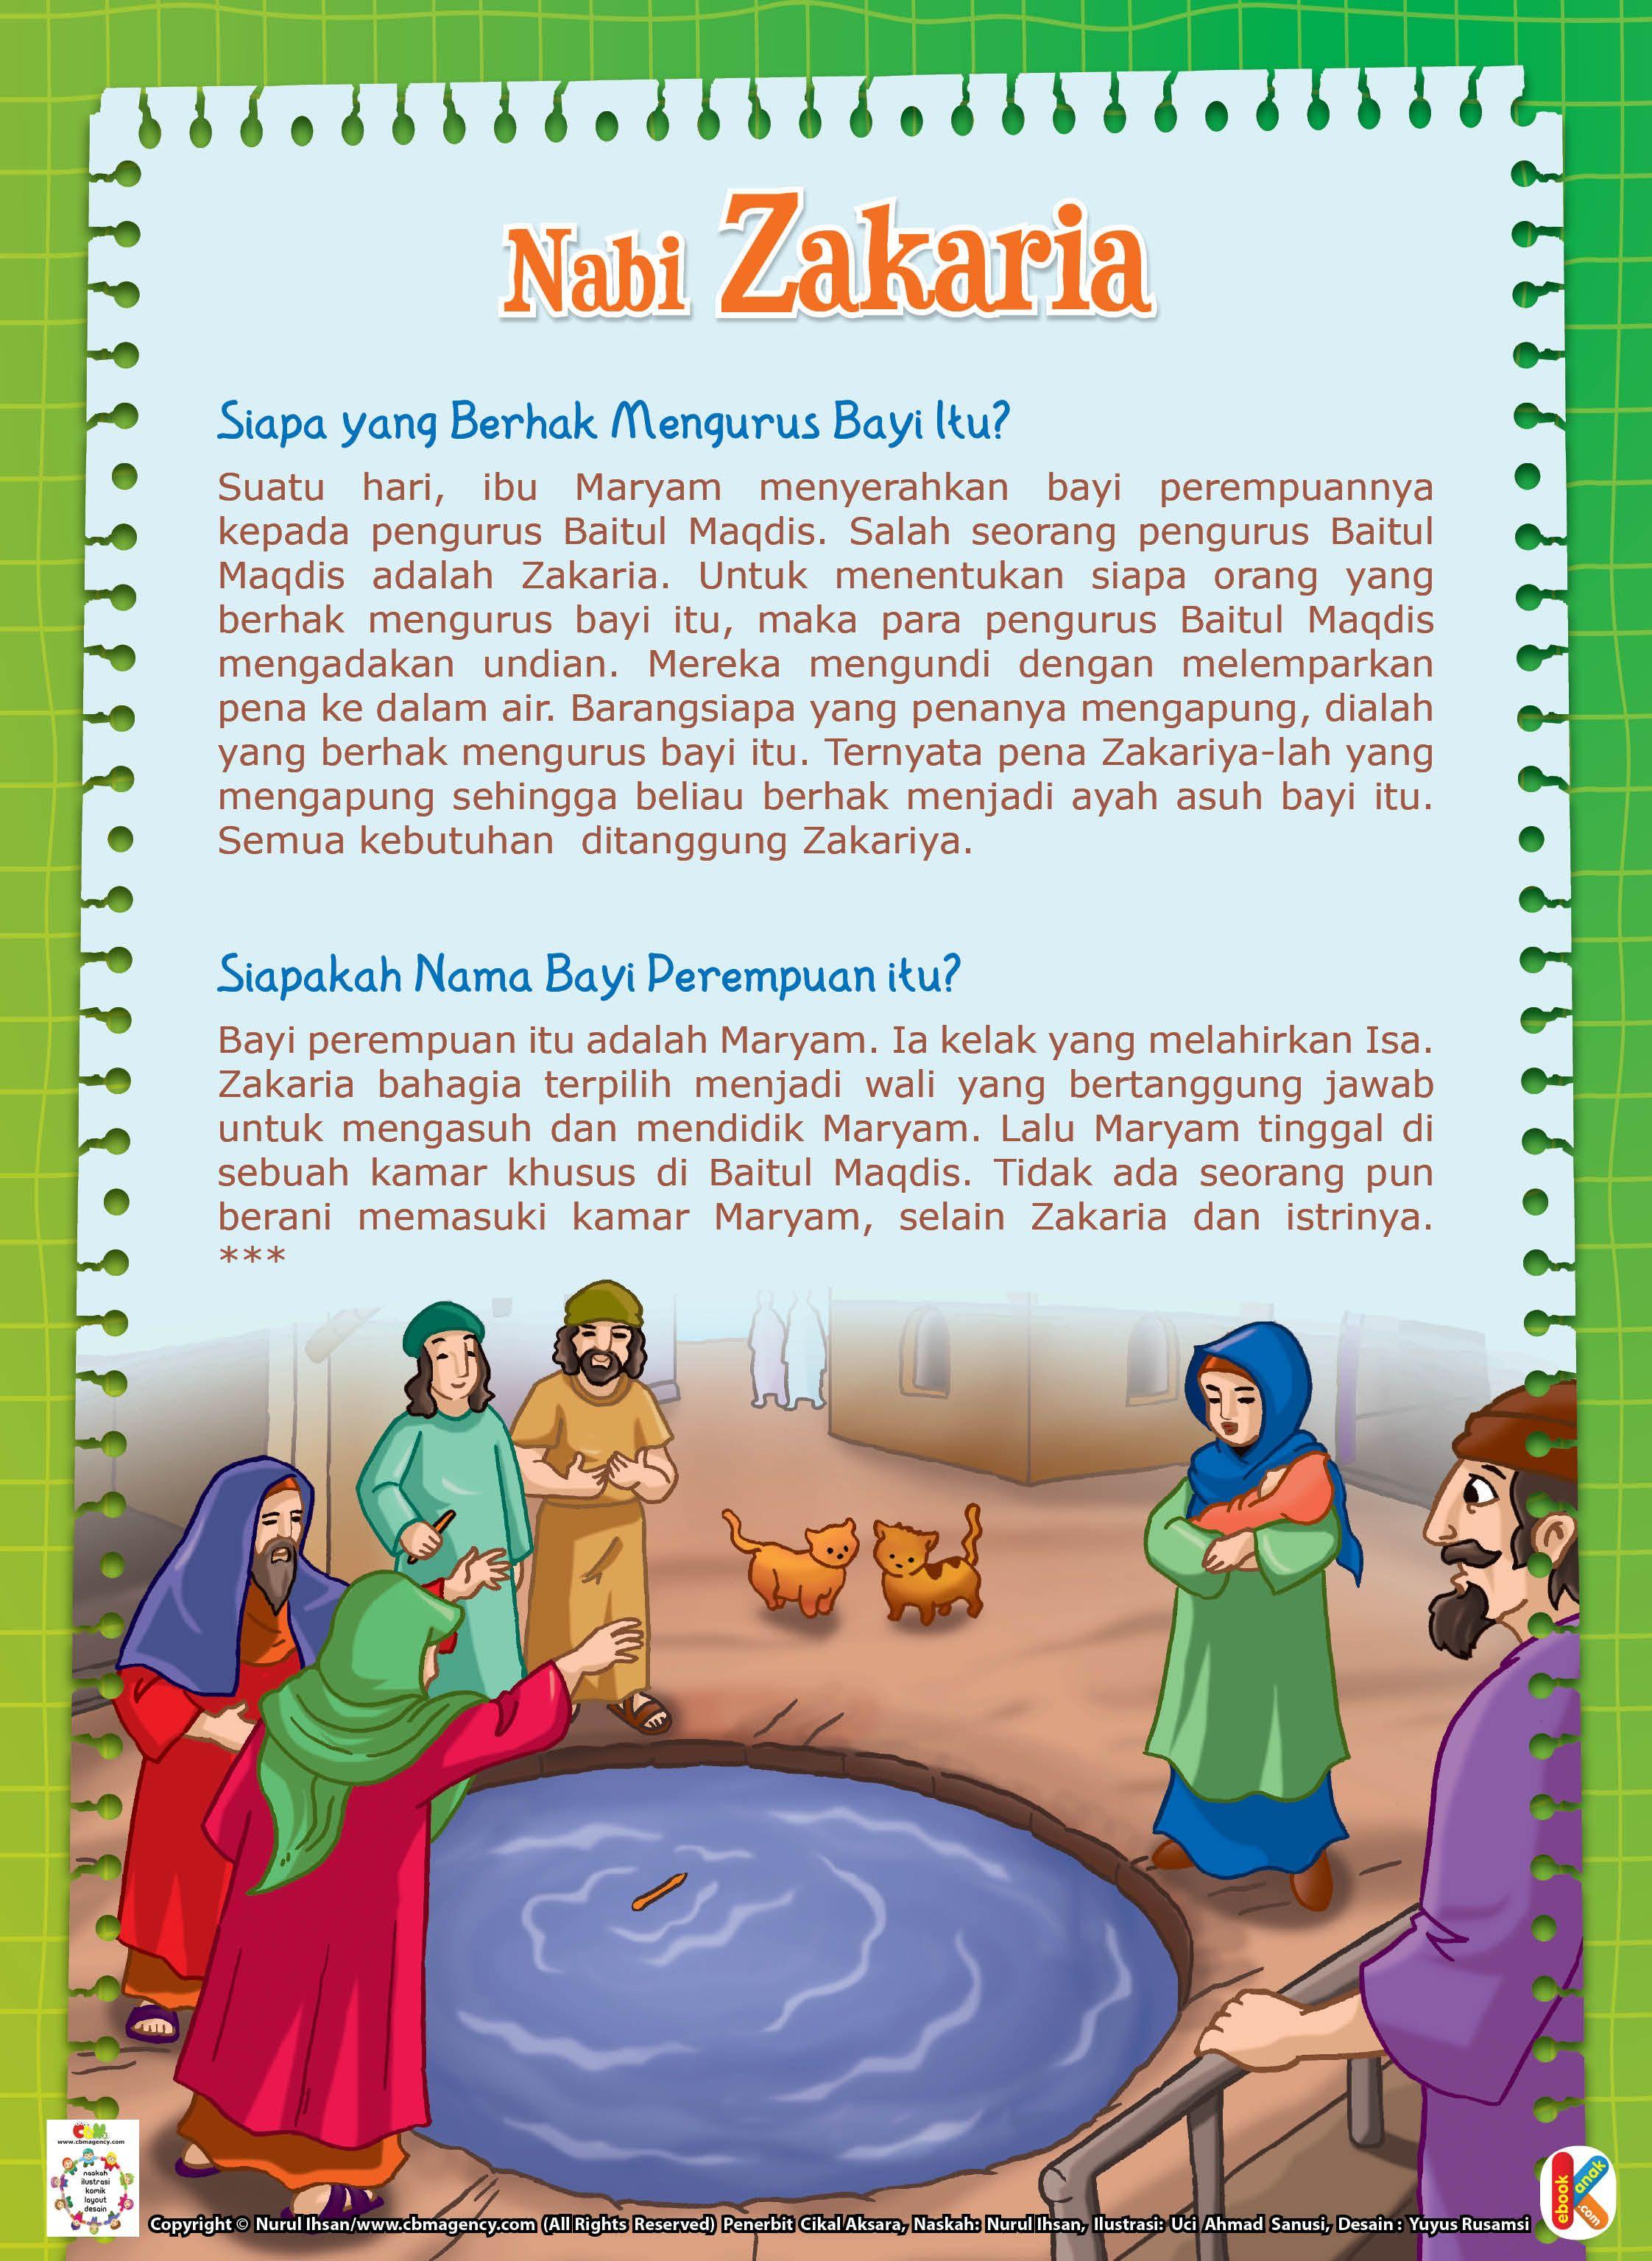 Nabi Zakaria Jadi Wali Siti Maryam Ebook Anak Buku Anak Pendidikan Buku